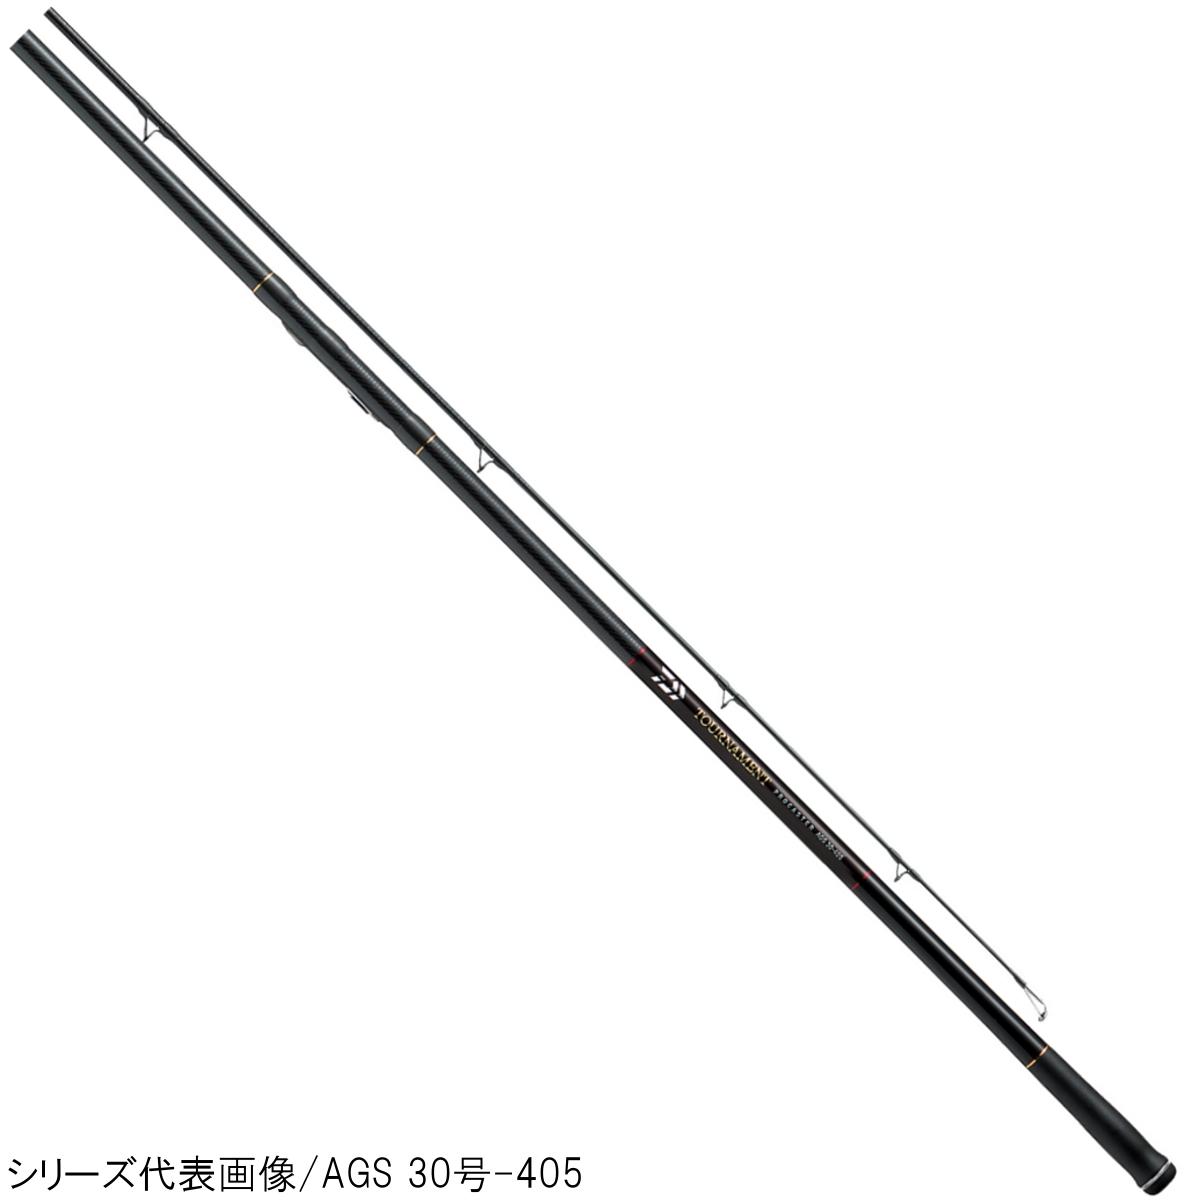 ダイワ トーナメント プロキャスター AGS 25号-405【大型商品】